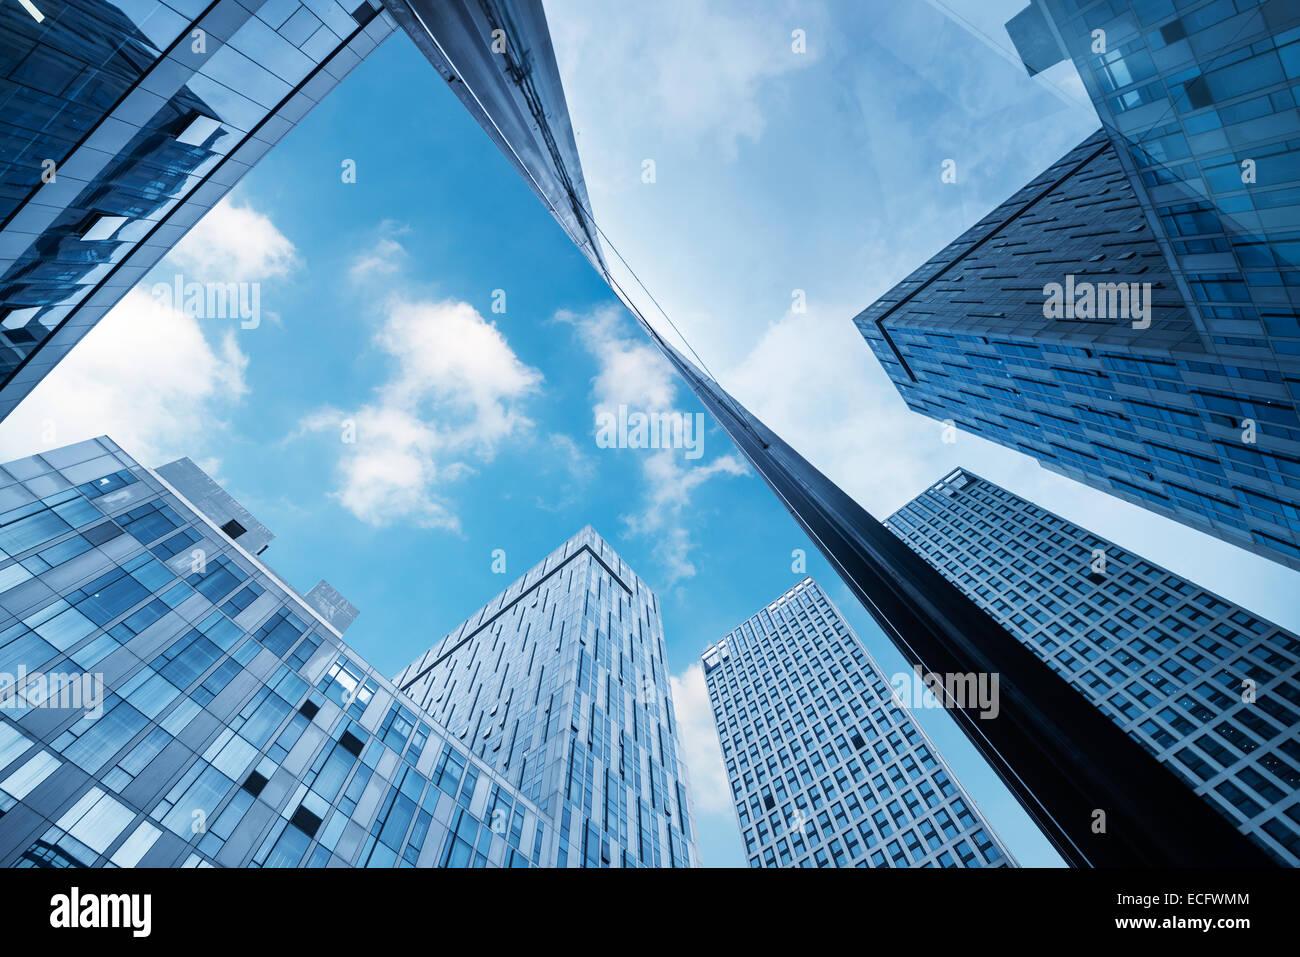 Moderno centro de negocios en Hong kong Imagen De Stock